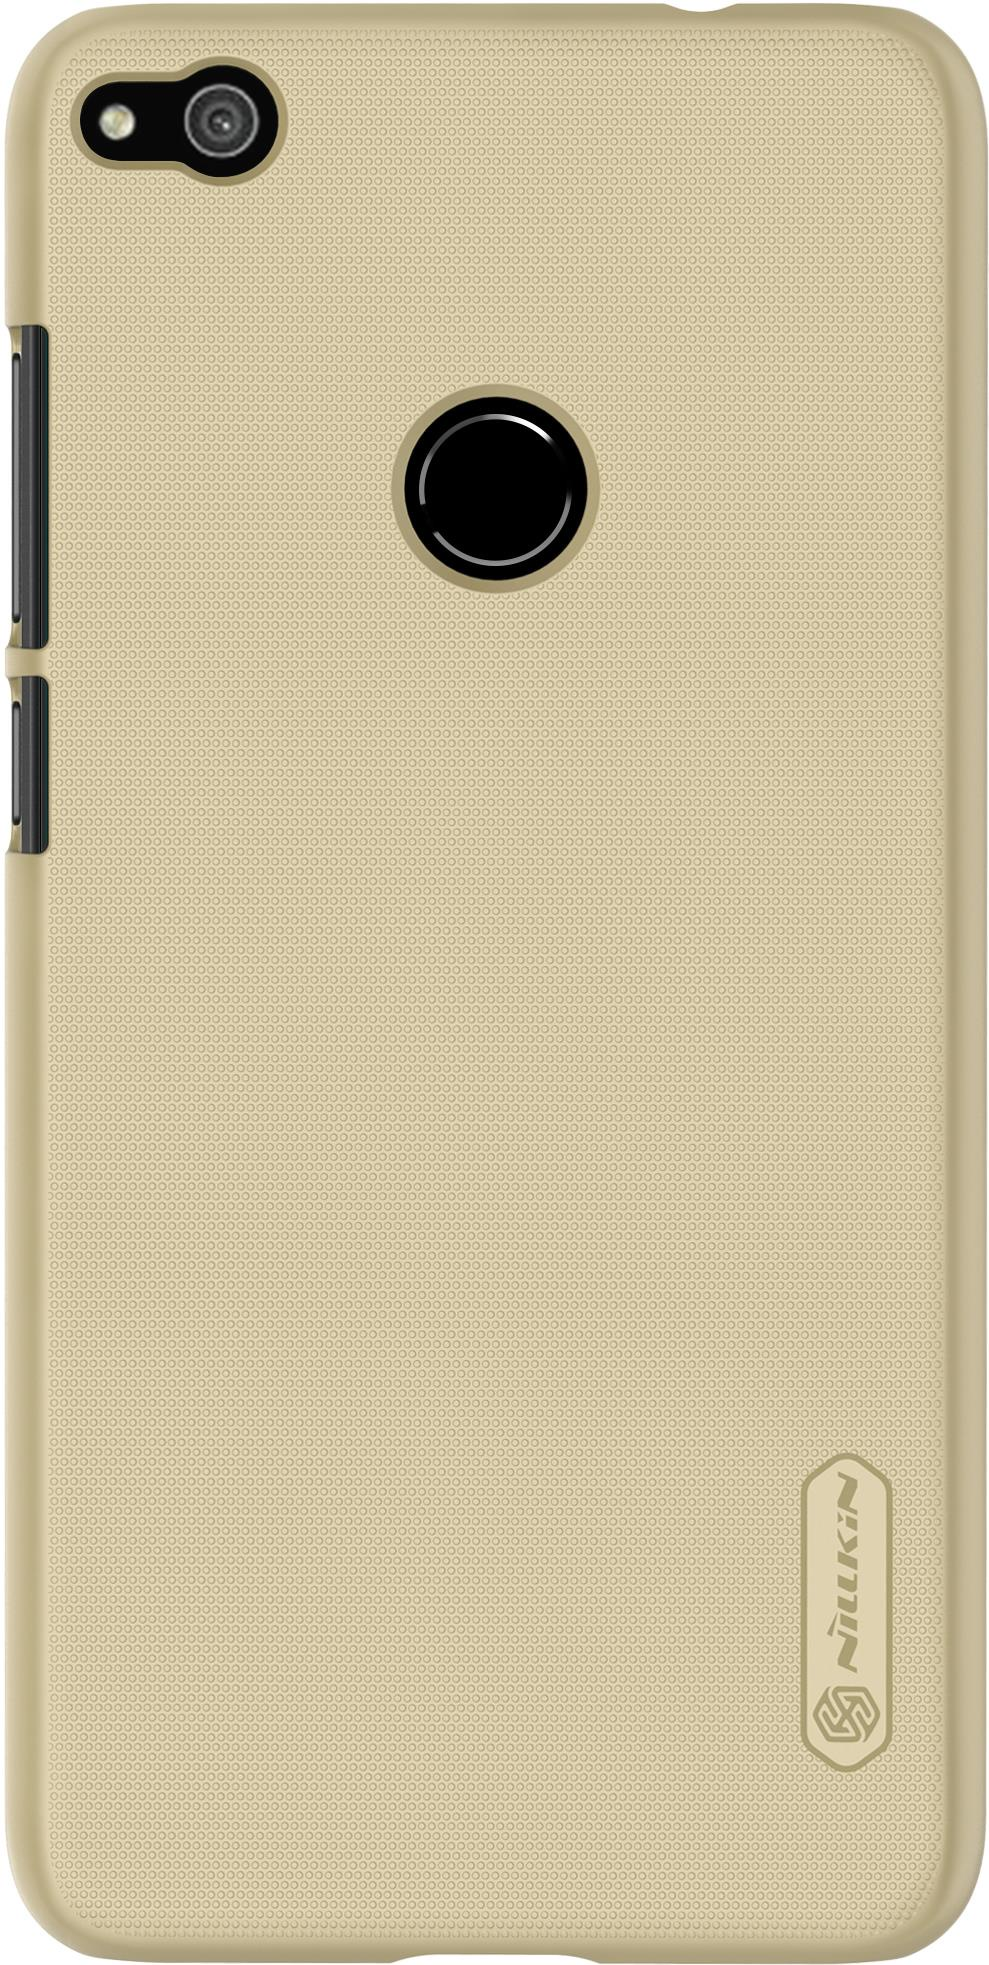 Чехол пластиковый для Huawei P8 Lite (2017)/Honor 8 Lite все цены